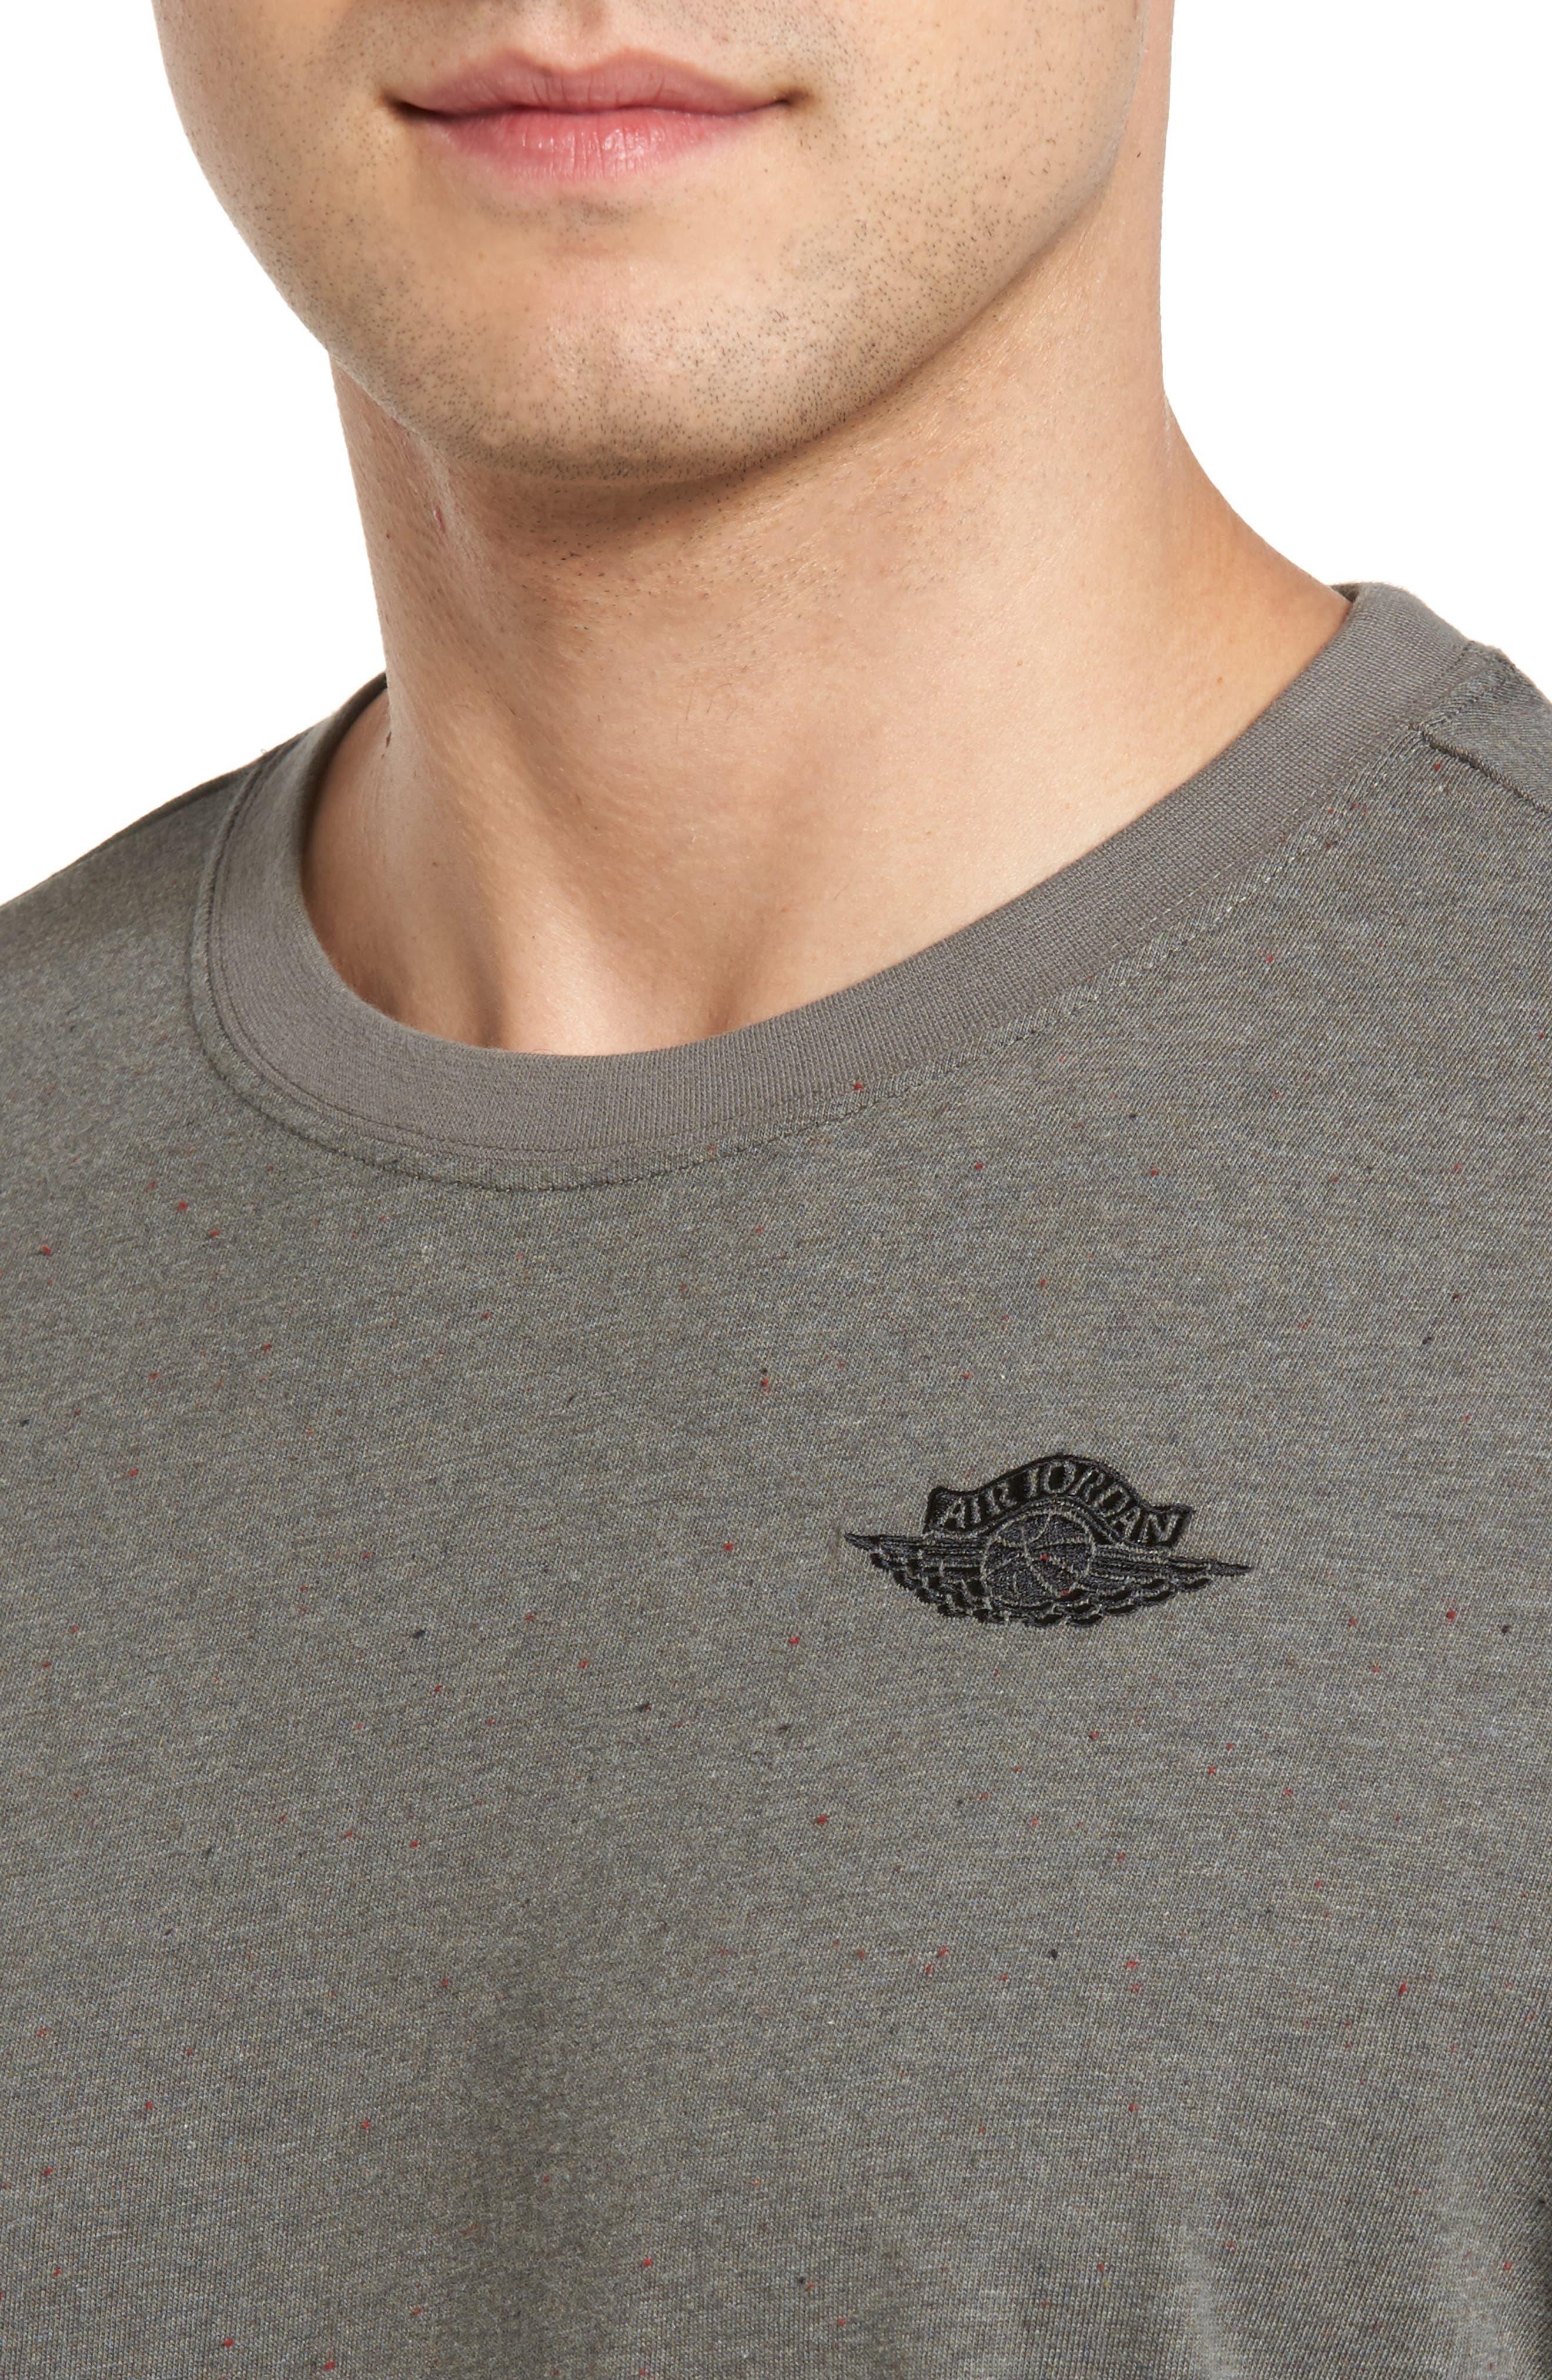 Future 2 T-Shirt,                             Alternate thumbnail 4, color,                             White/ Black